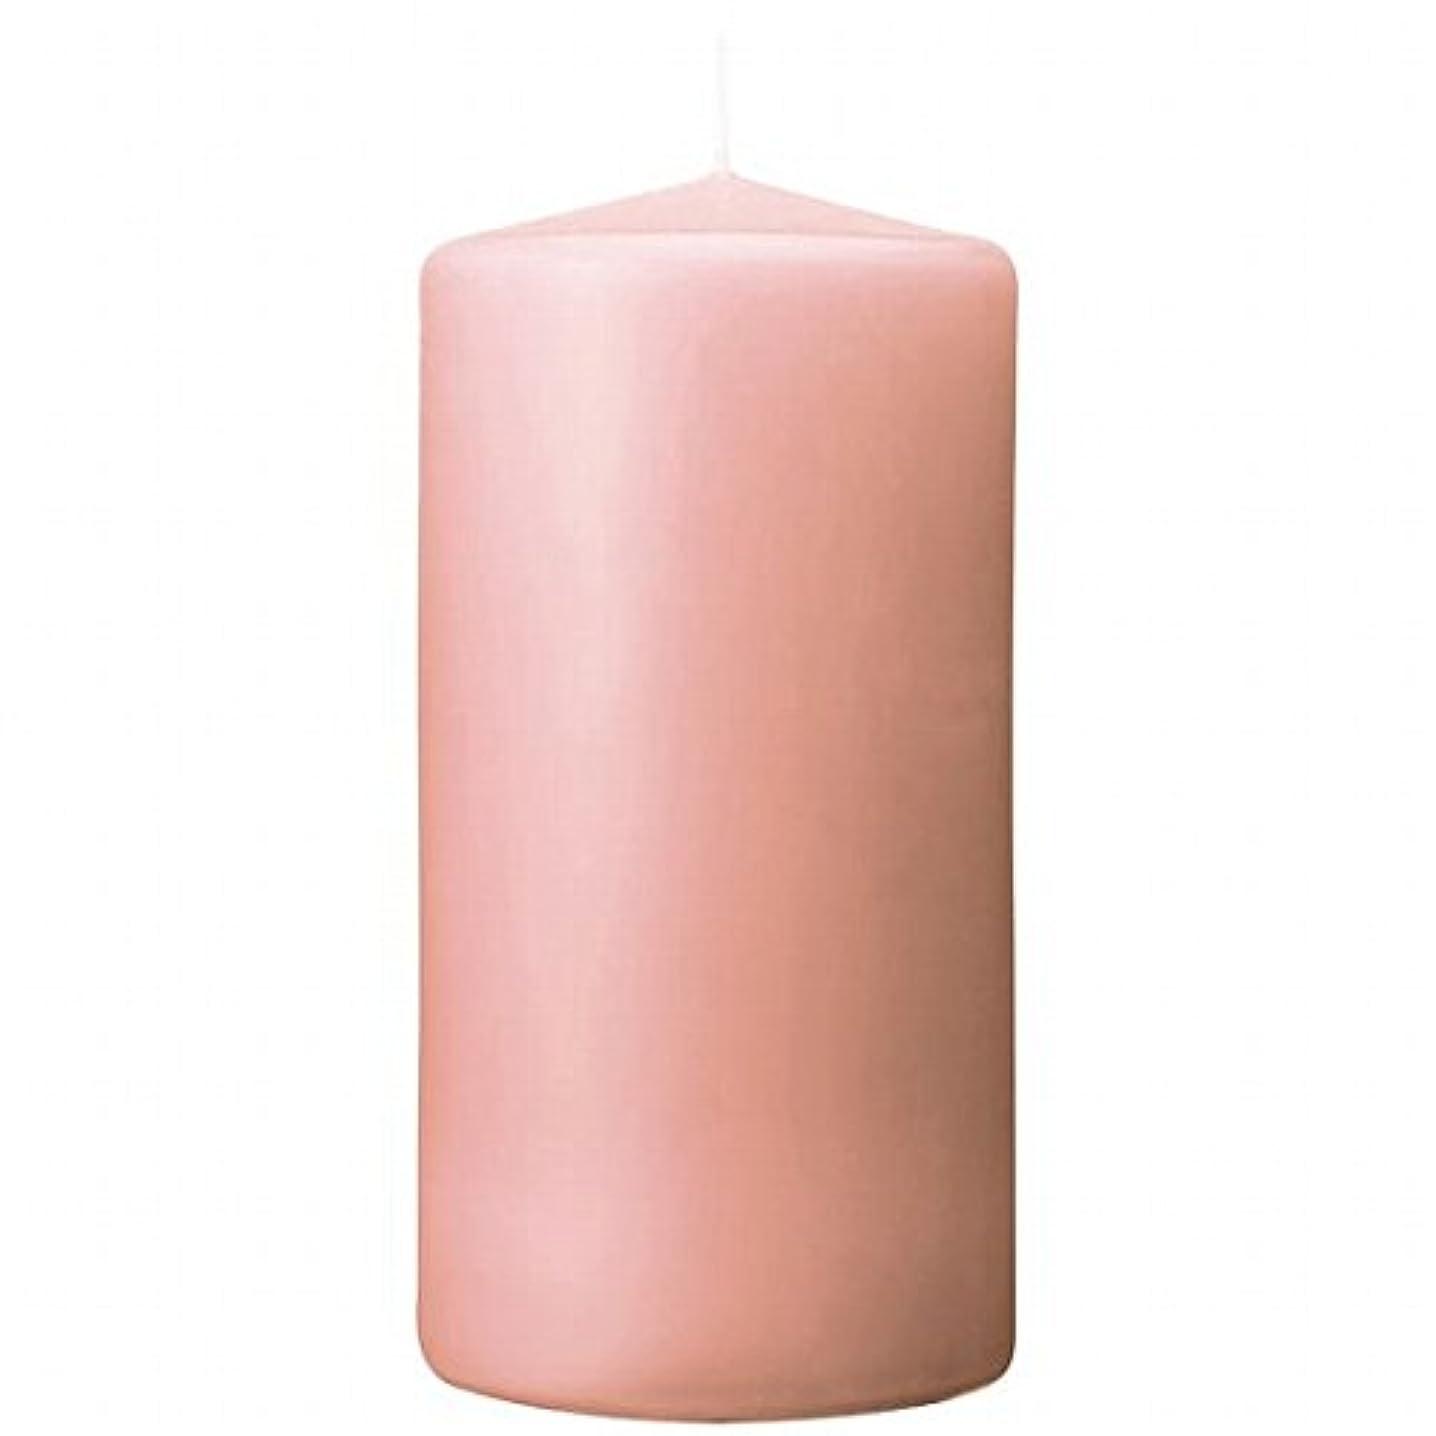 耐えるスポーツマン彼らカメヤマキャンドル(kameyama candle) 3×6ベルトップピラーキャンドル 「 ピーチアンバ 」